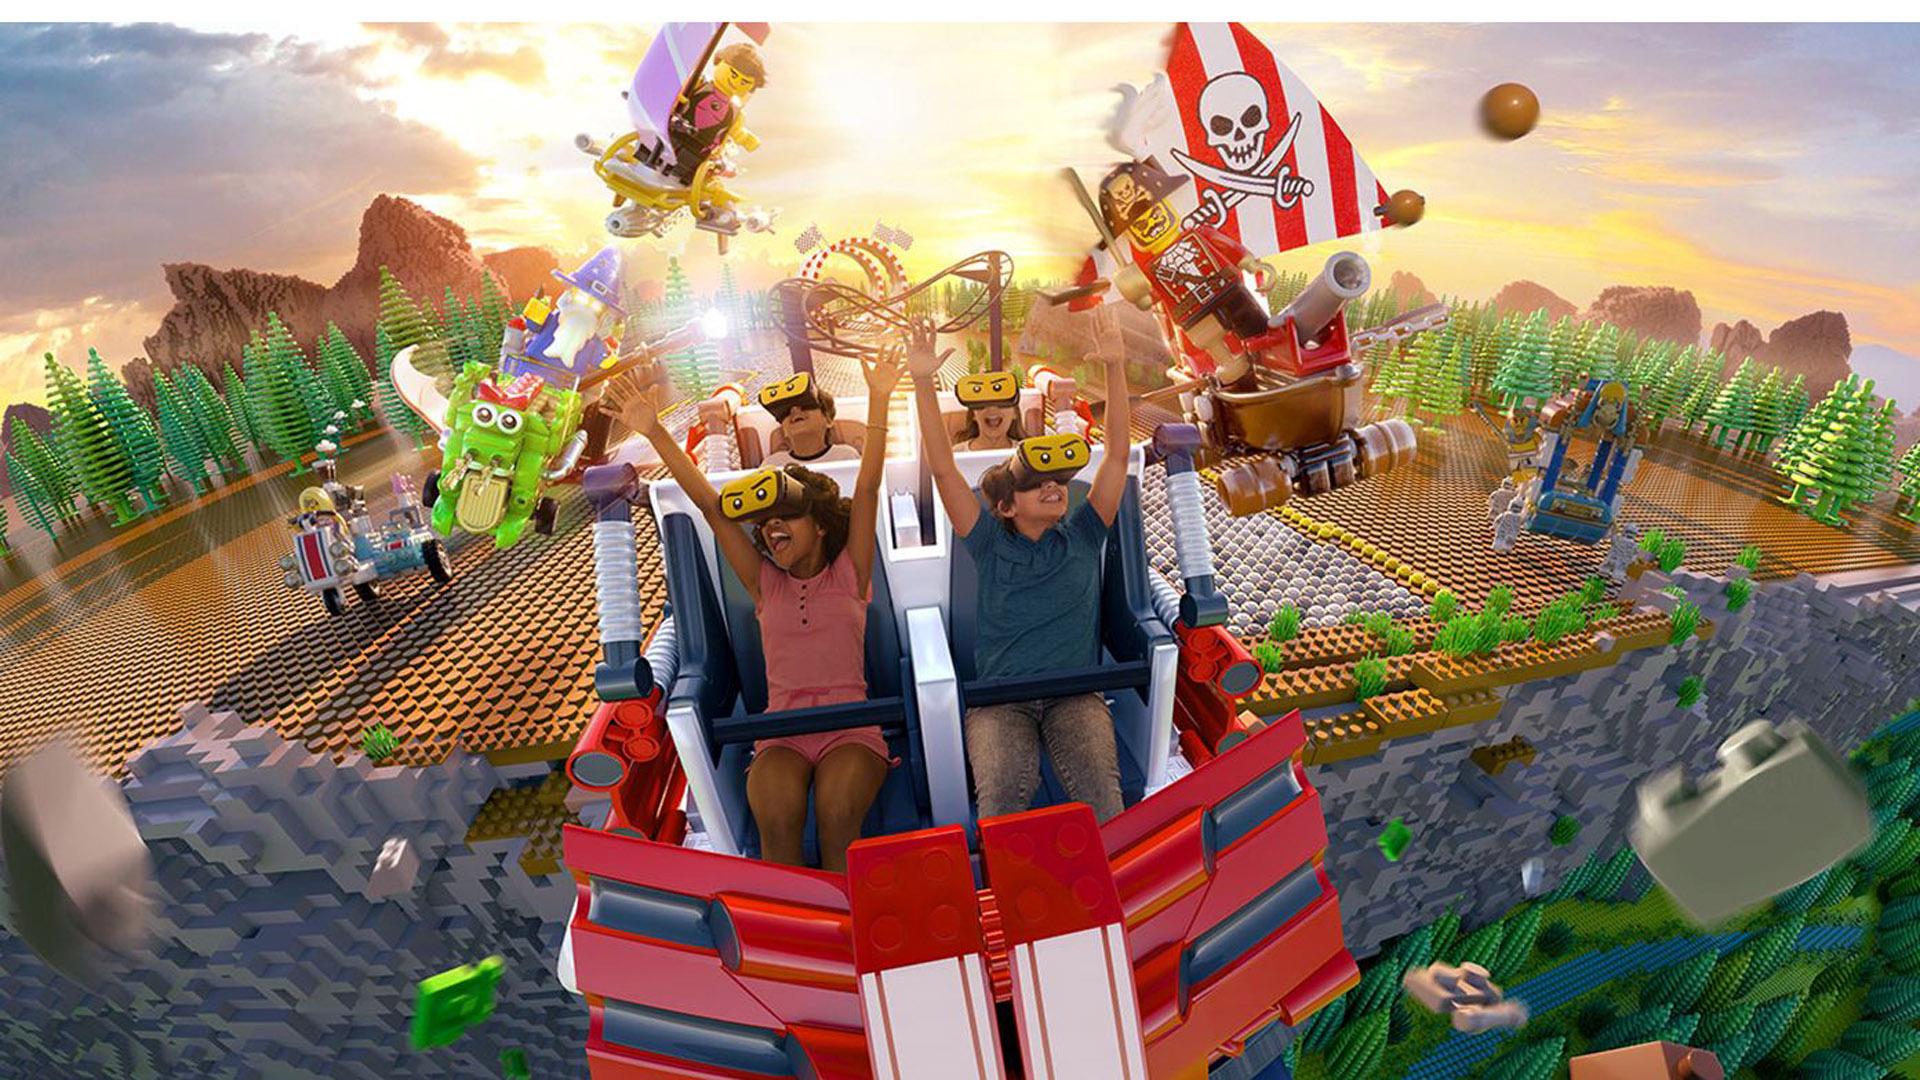 Todo el parque recrea el mundo de Lego con un sinfín de juegos mecánicos y atracciones